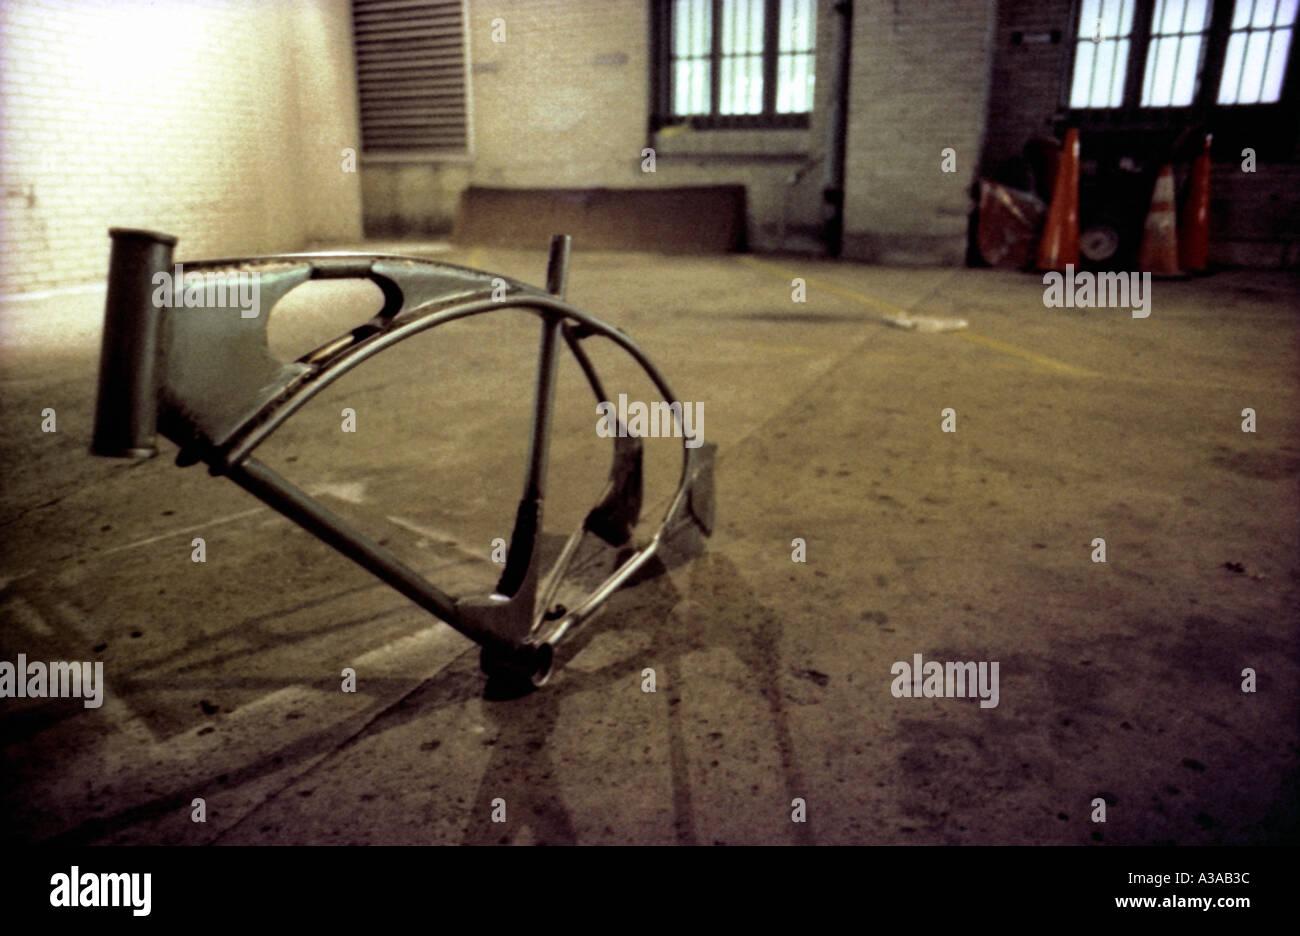 Lowrider-Fahrradrahmen Stockfoto, Bild: 240444 - Alamy